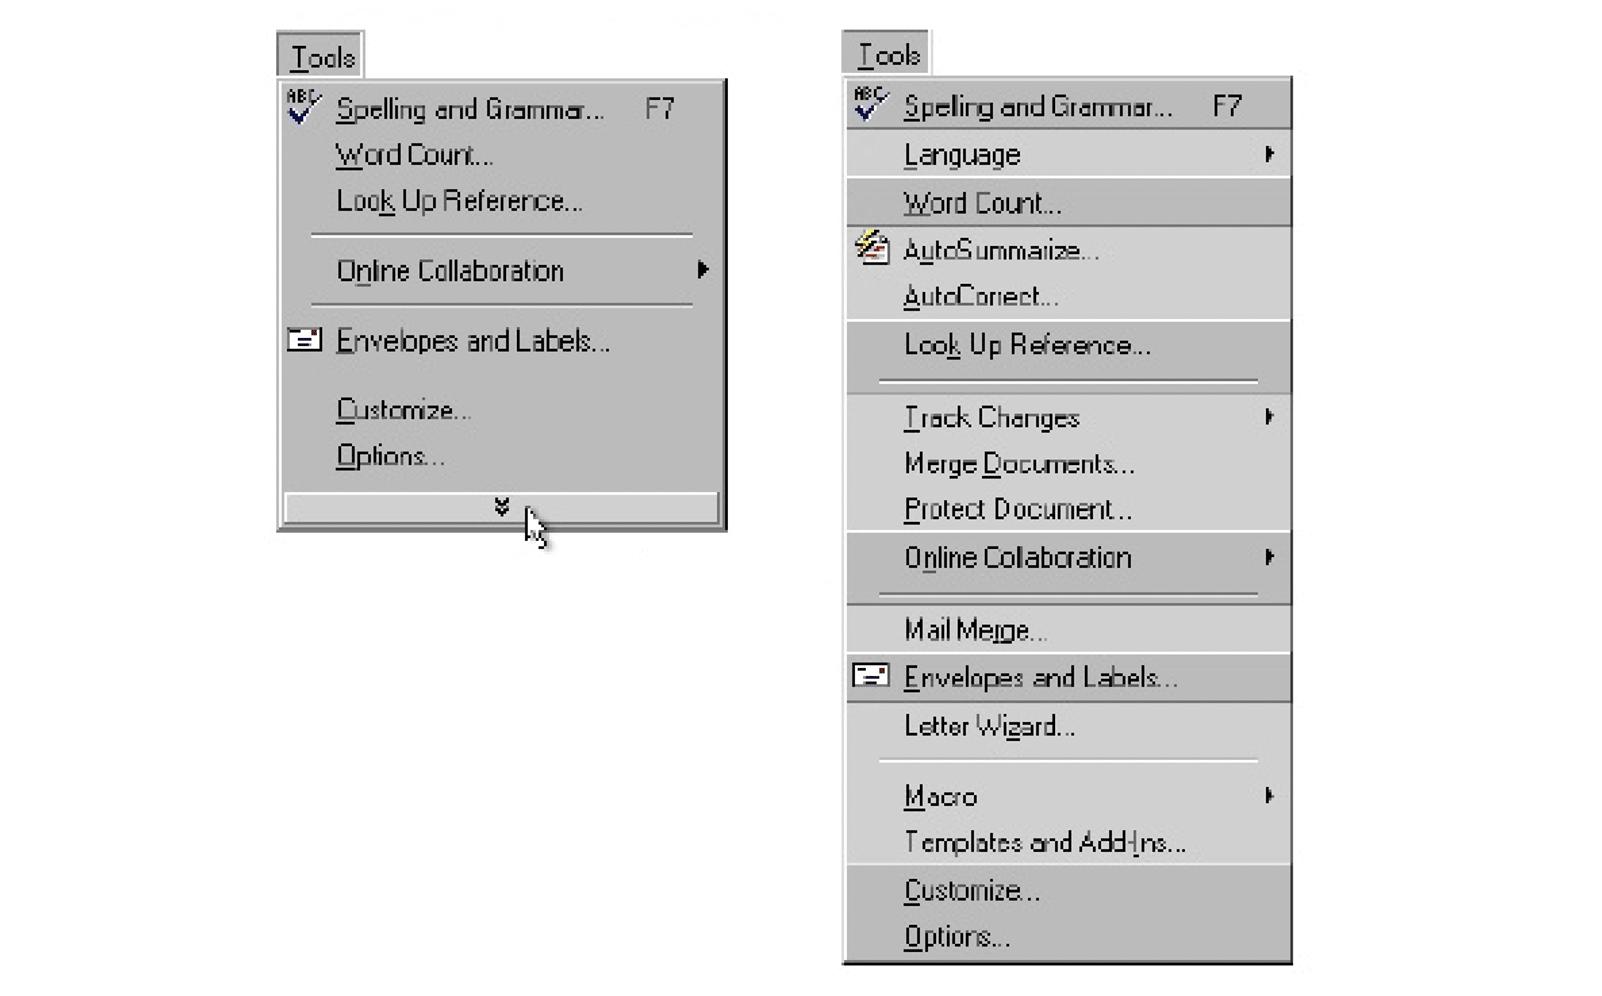 Das Tools-Menü in Microsoft Word 2000 mit einigen ausgeblendeten Optionen, die über einen Pfeil ausgeklappt werden können.,